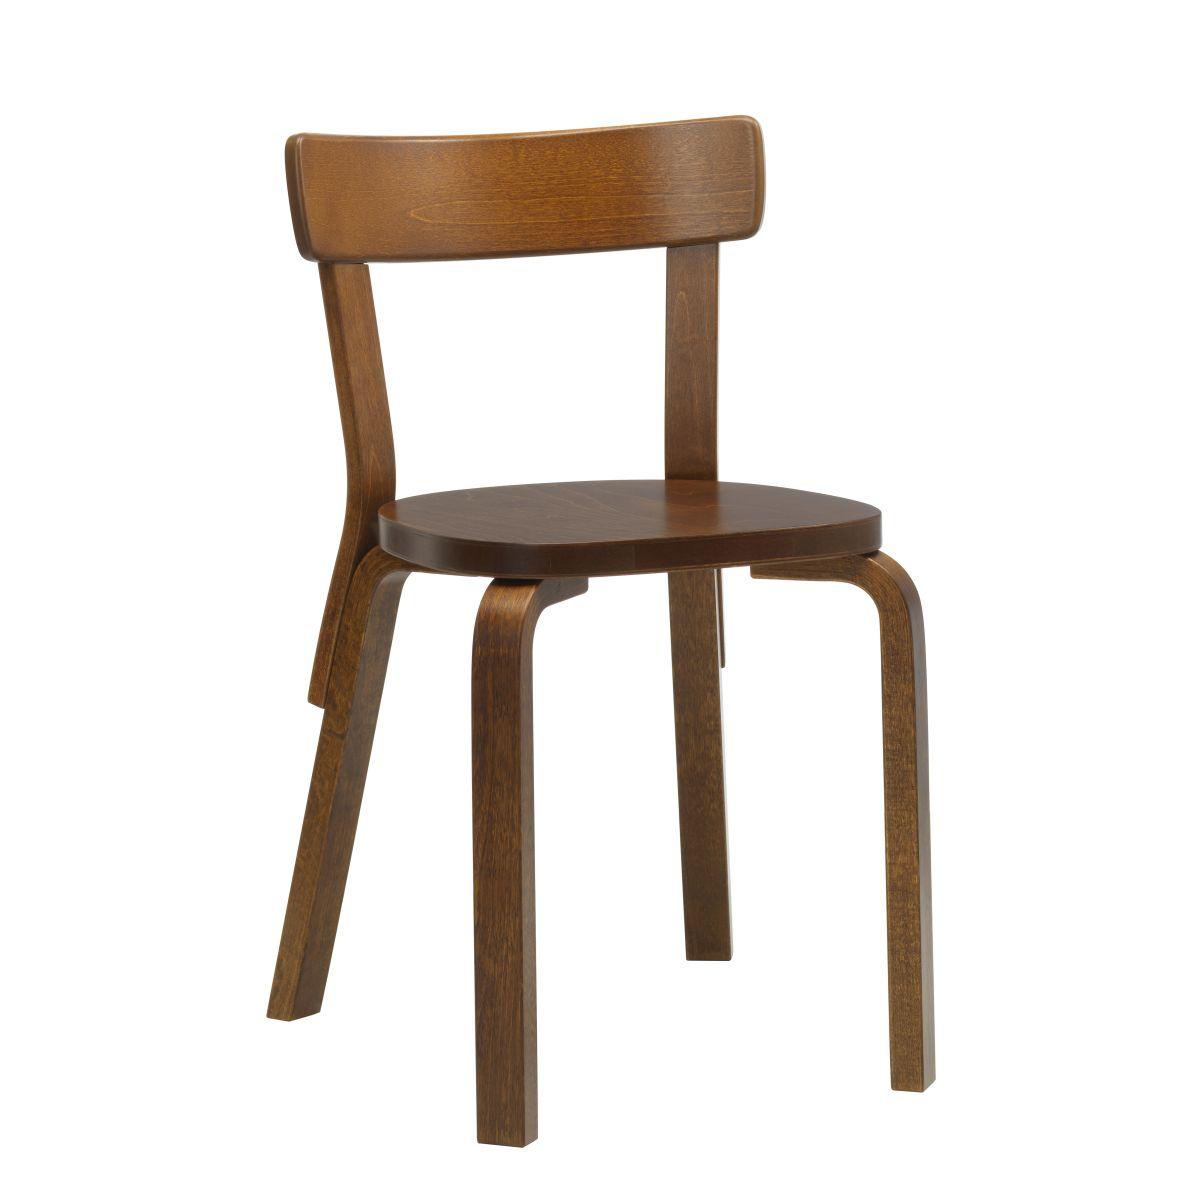 Chair 69 walnut stain_F